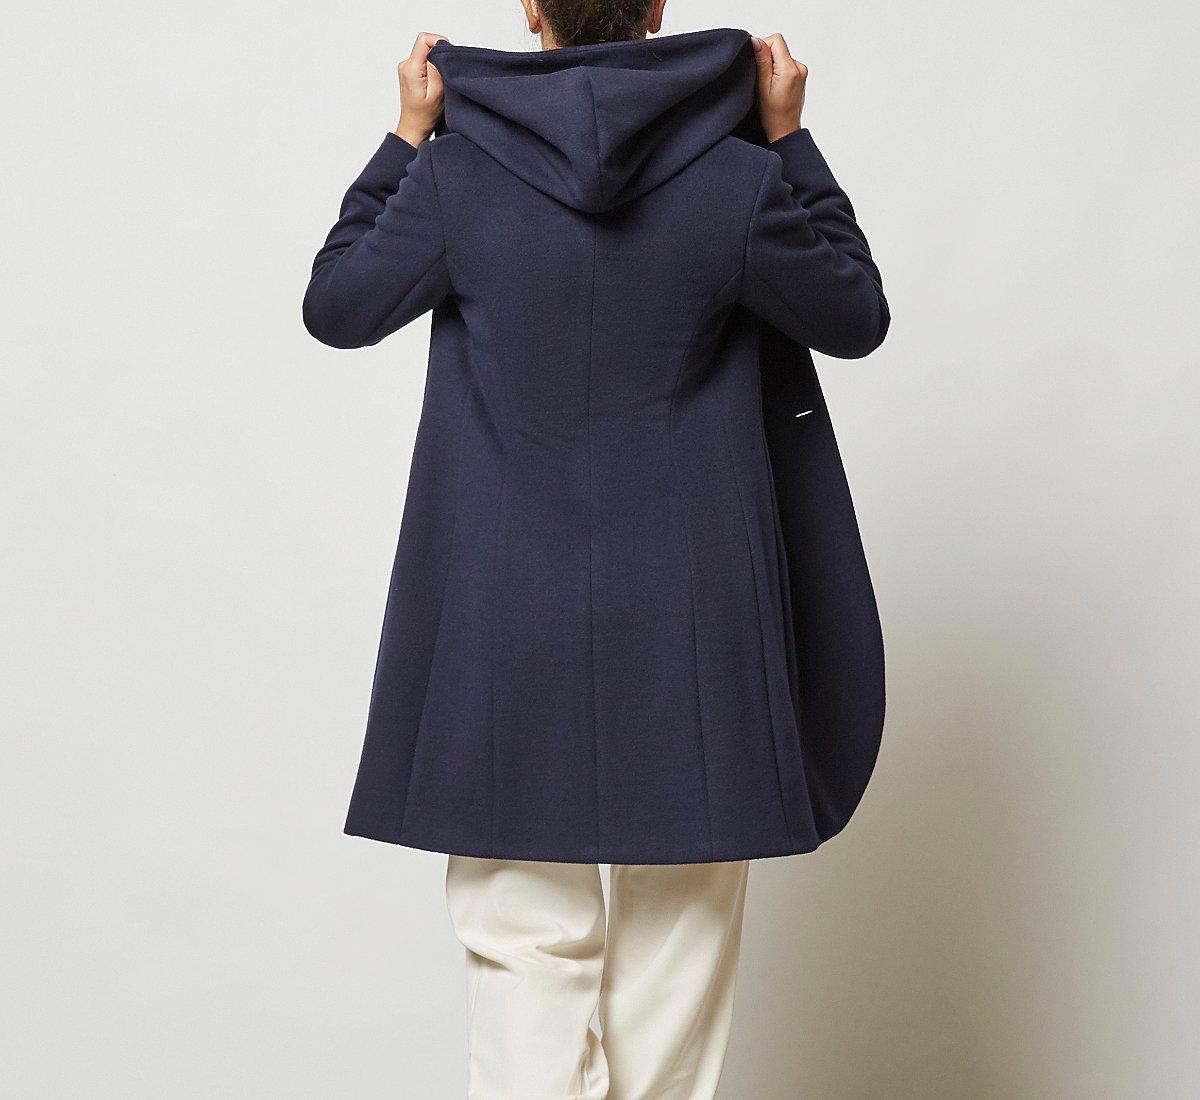 Cappottino doppio petto in lana